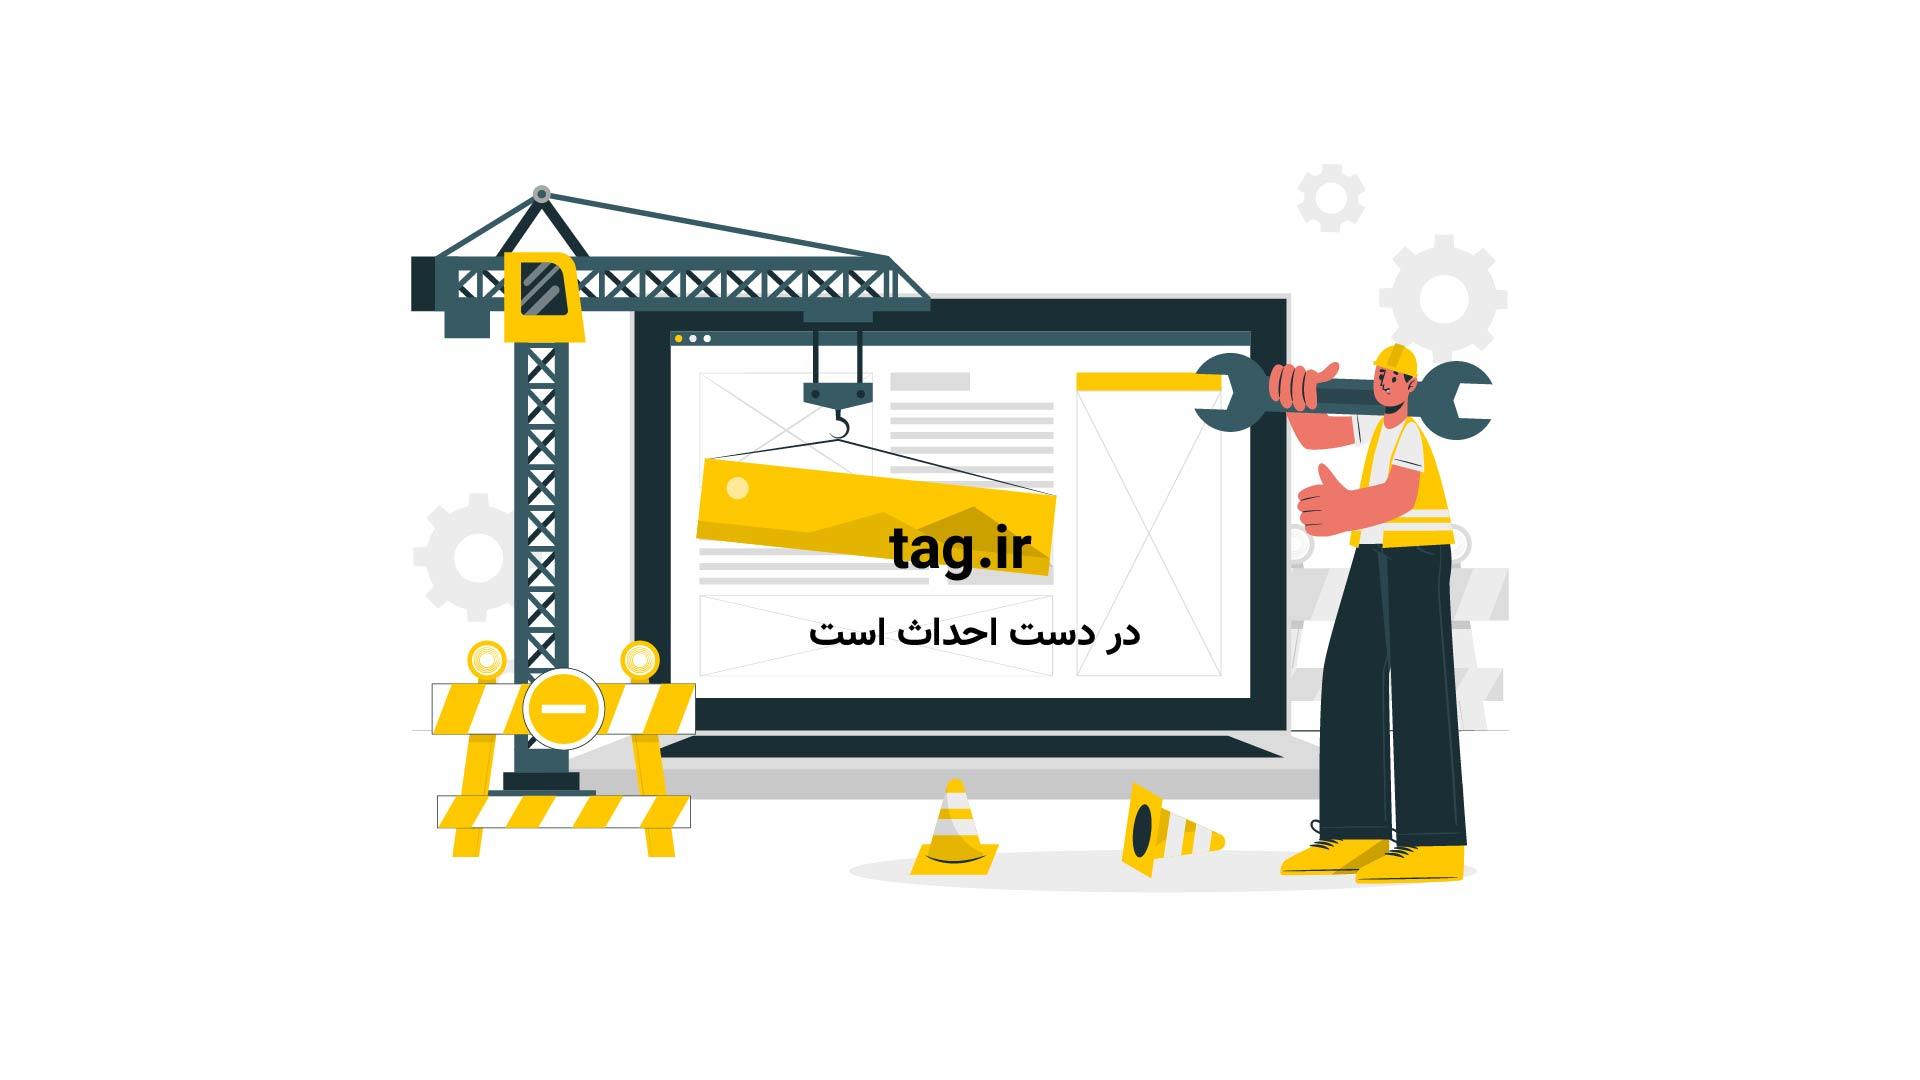 حمله غافلگیرانه و شکار بیرحمانه خرس قطبی | فیلم